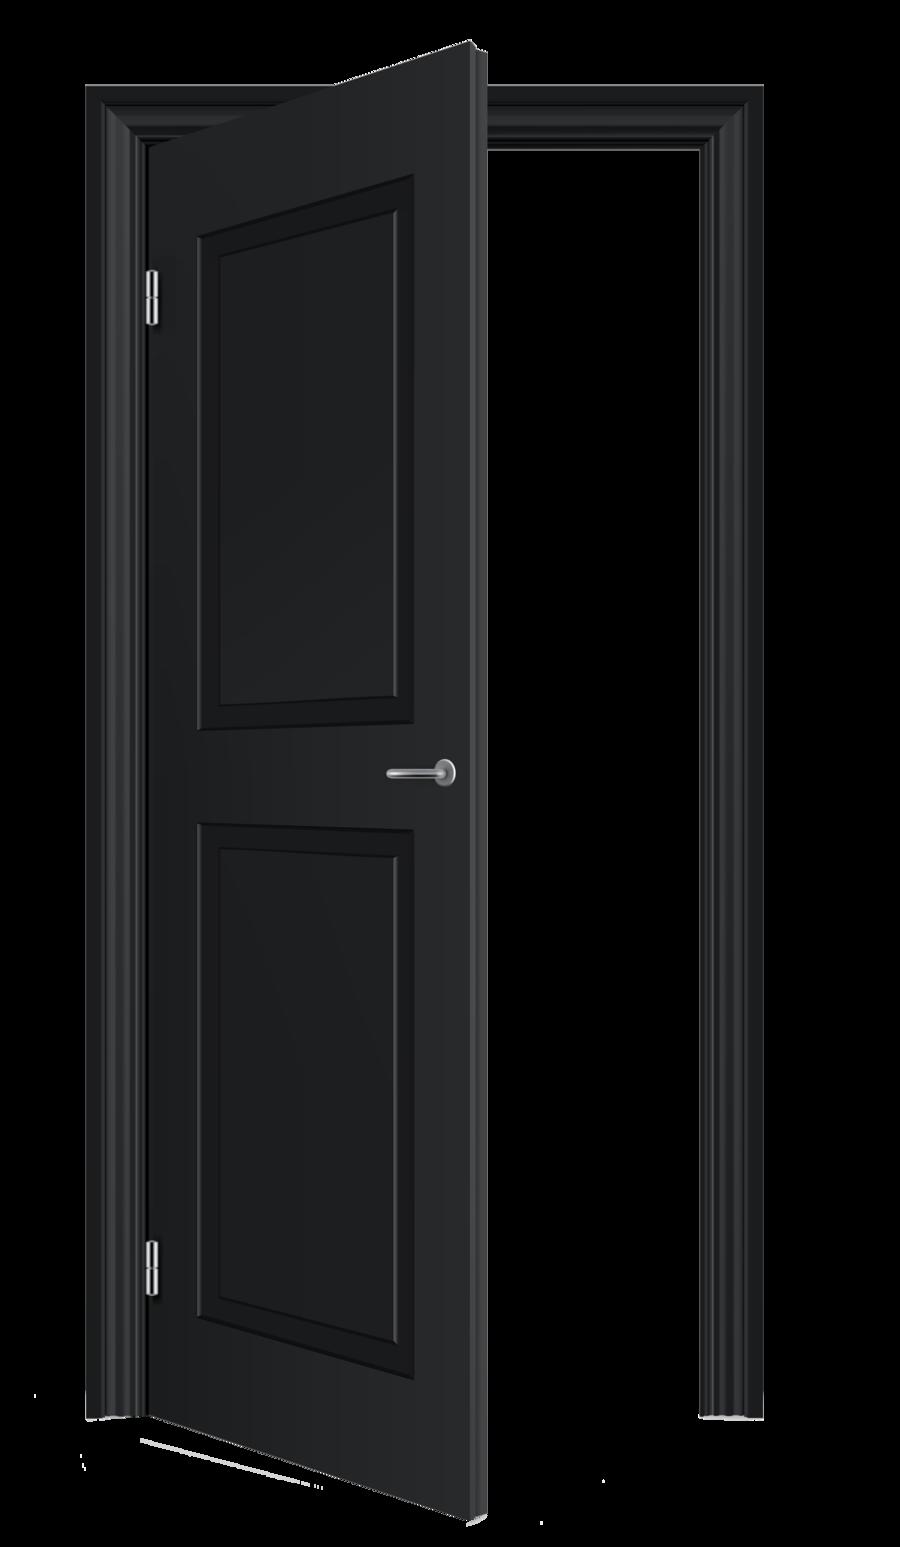 Door clipart sideways Door com clipart 2 clipart